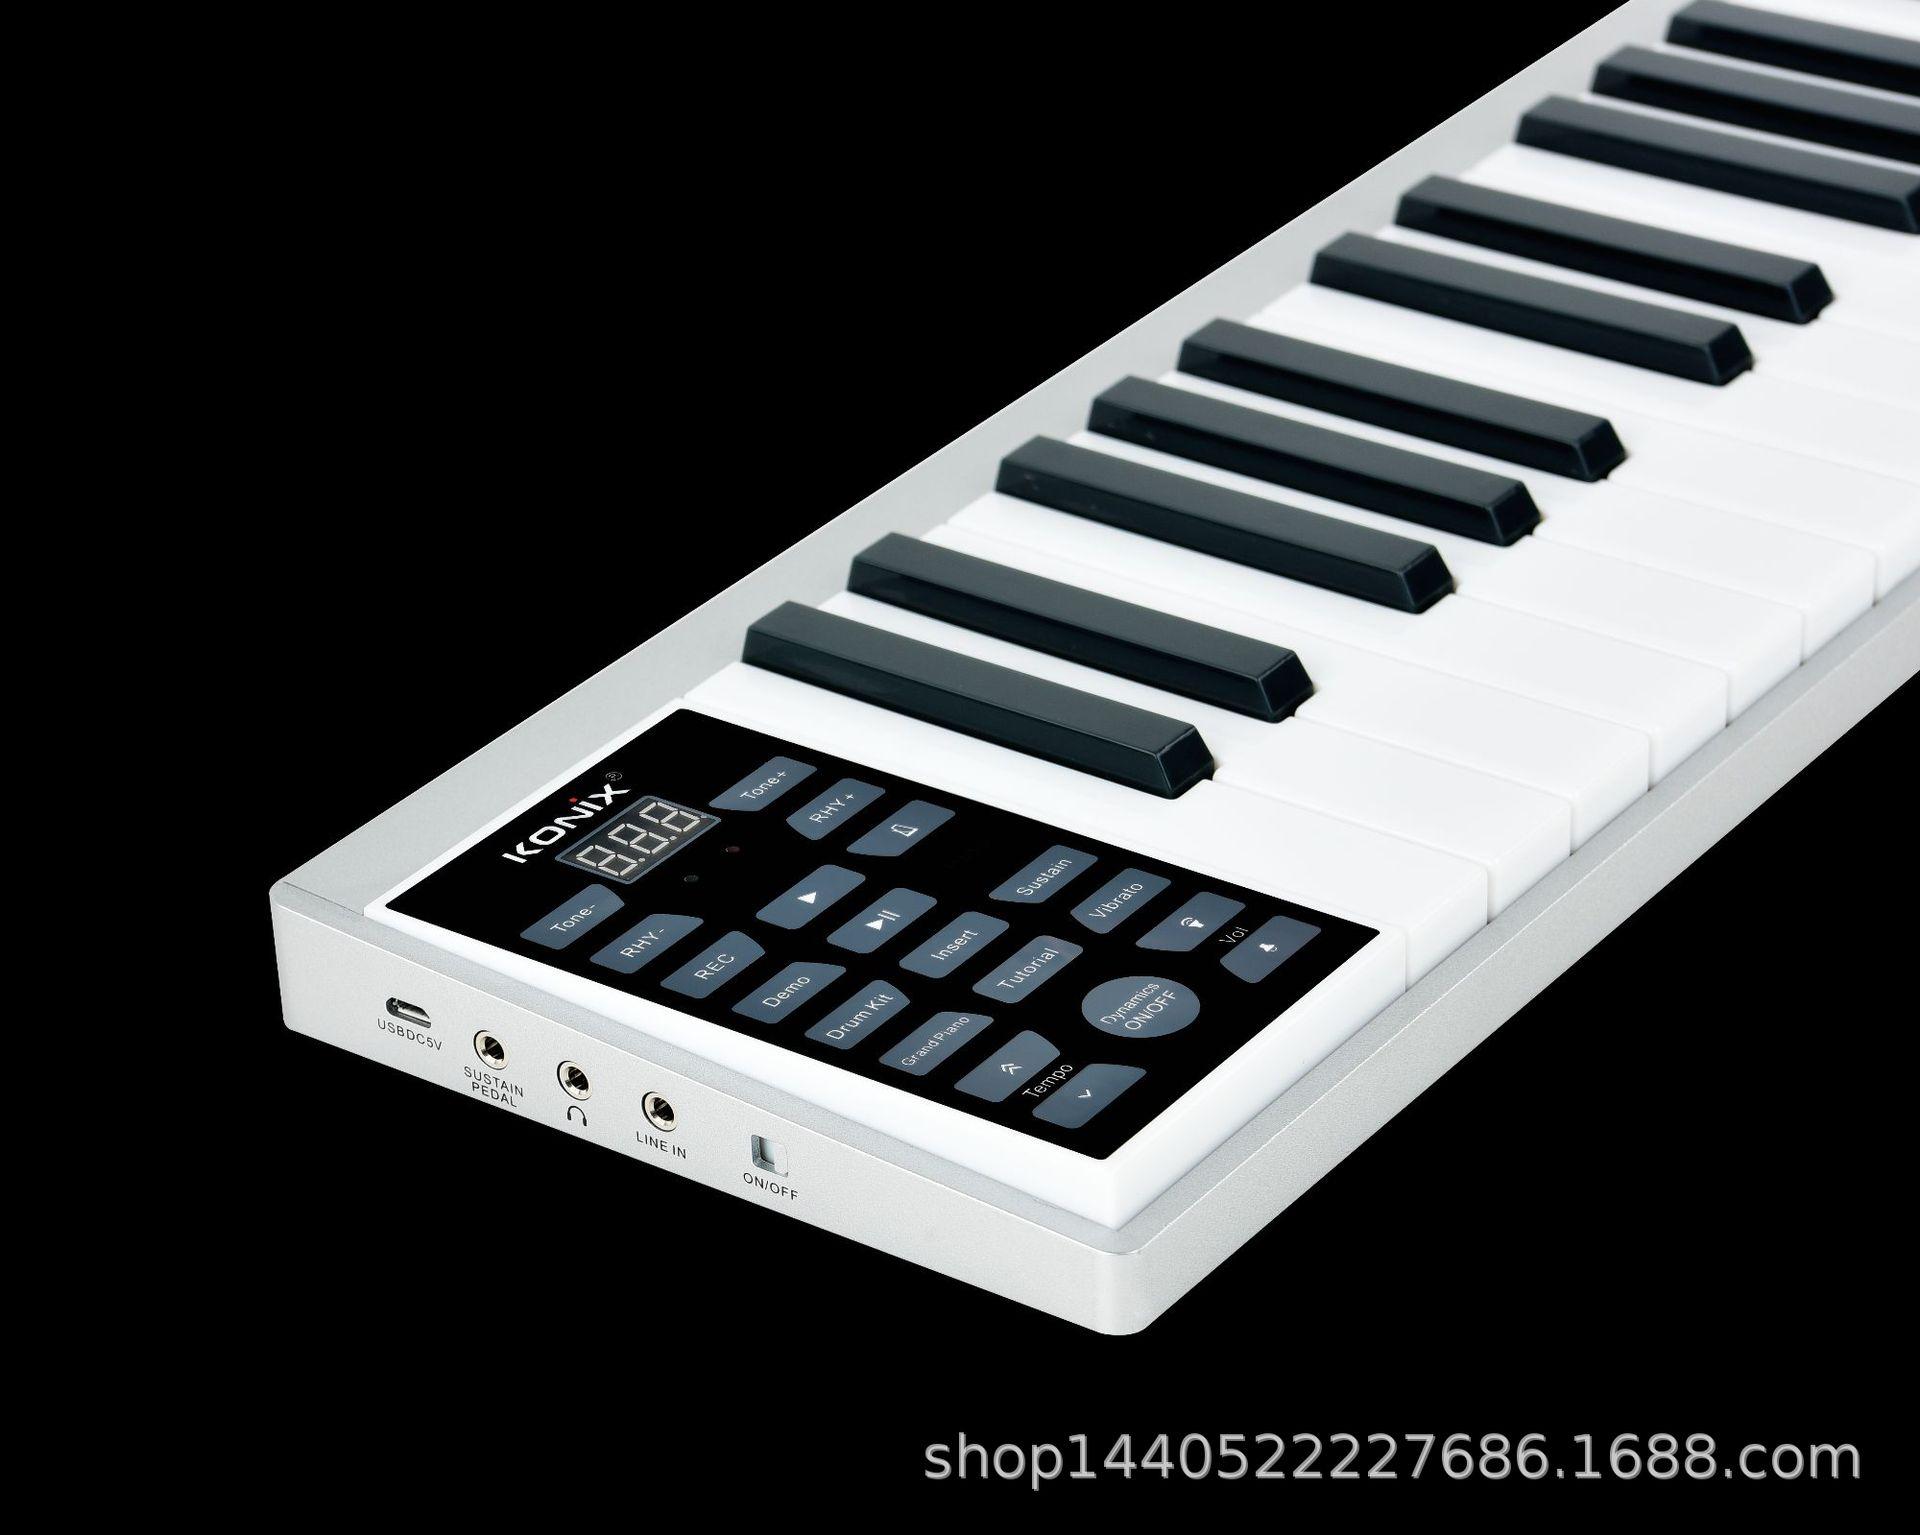 2020 nouveau manuel de Piano Intelligent 61 touches teclado musical Portable électronique Piano adulte professionnel Midi clavier charge - 3